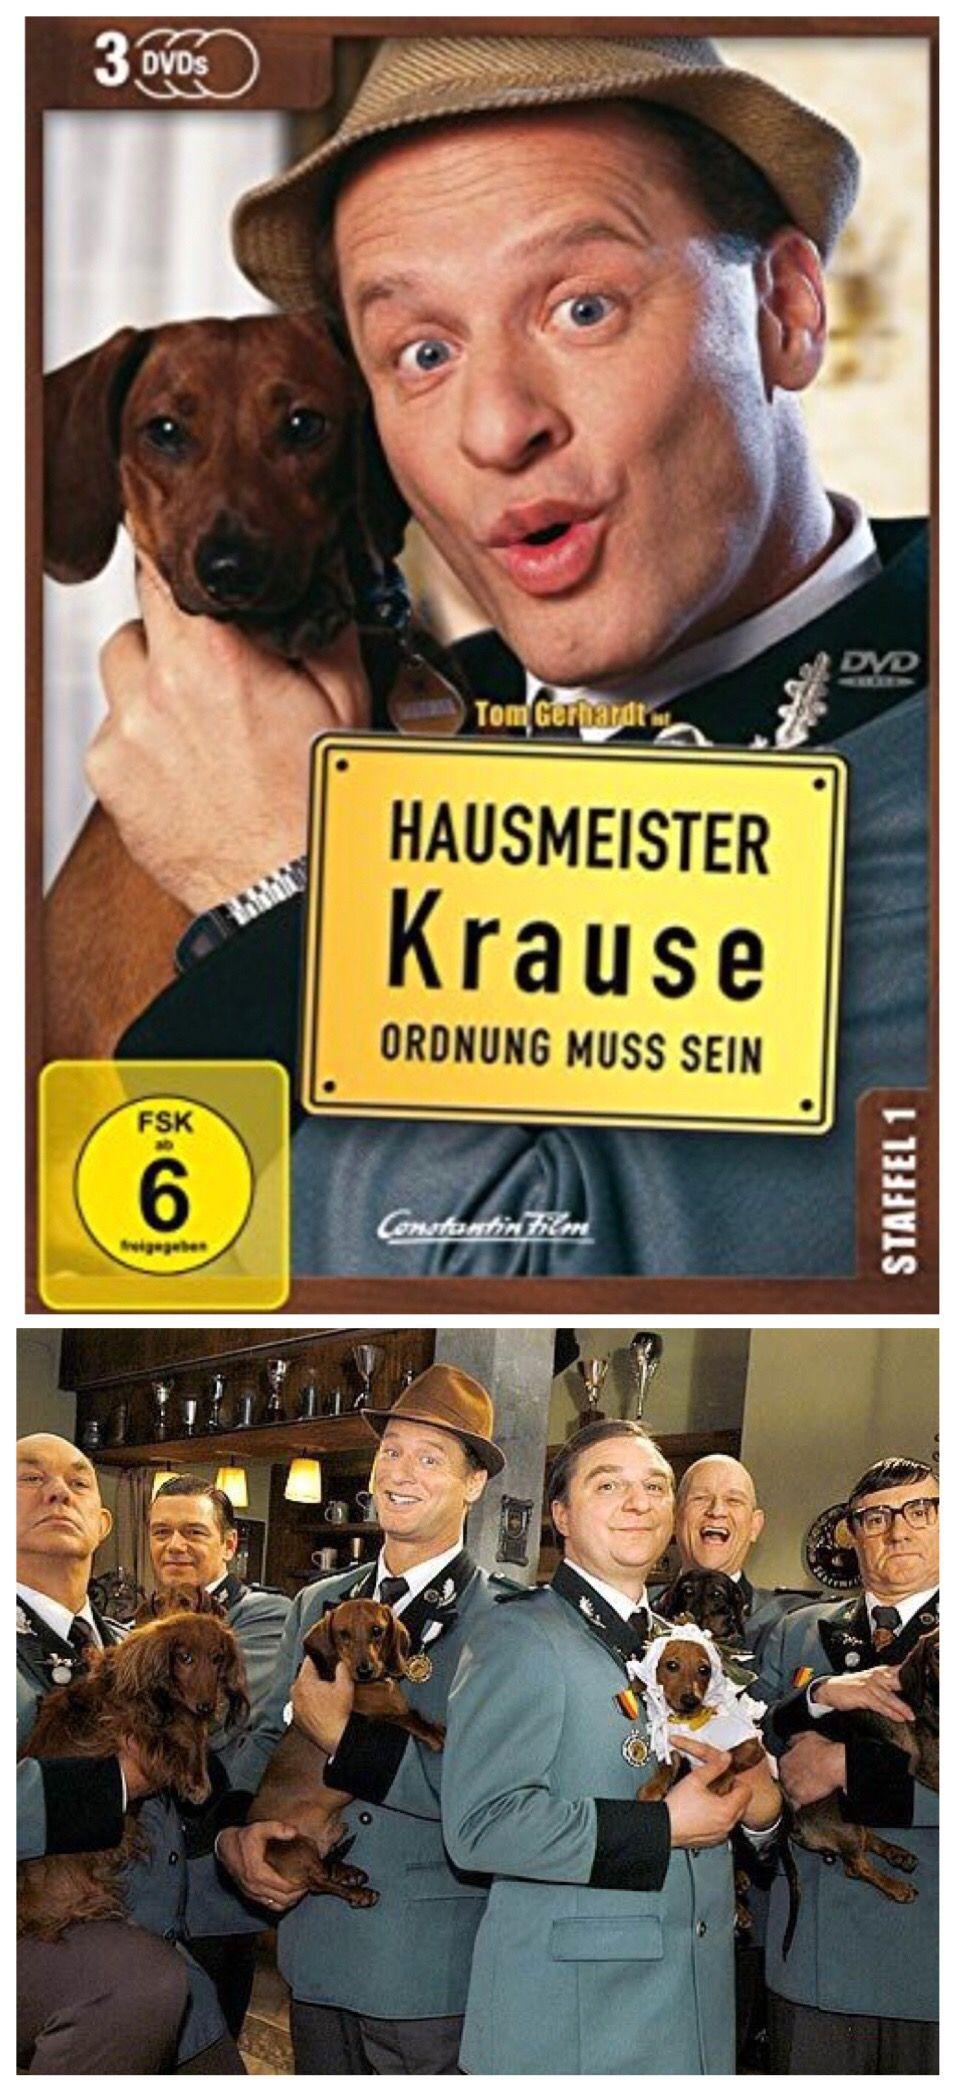 Dachshund On Film Movies Dachshund Film